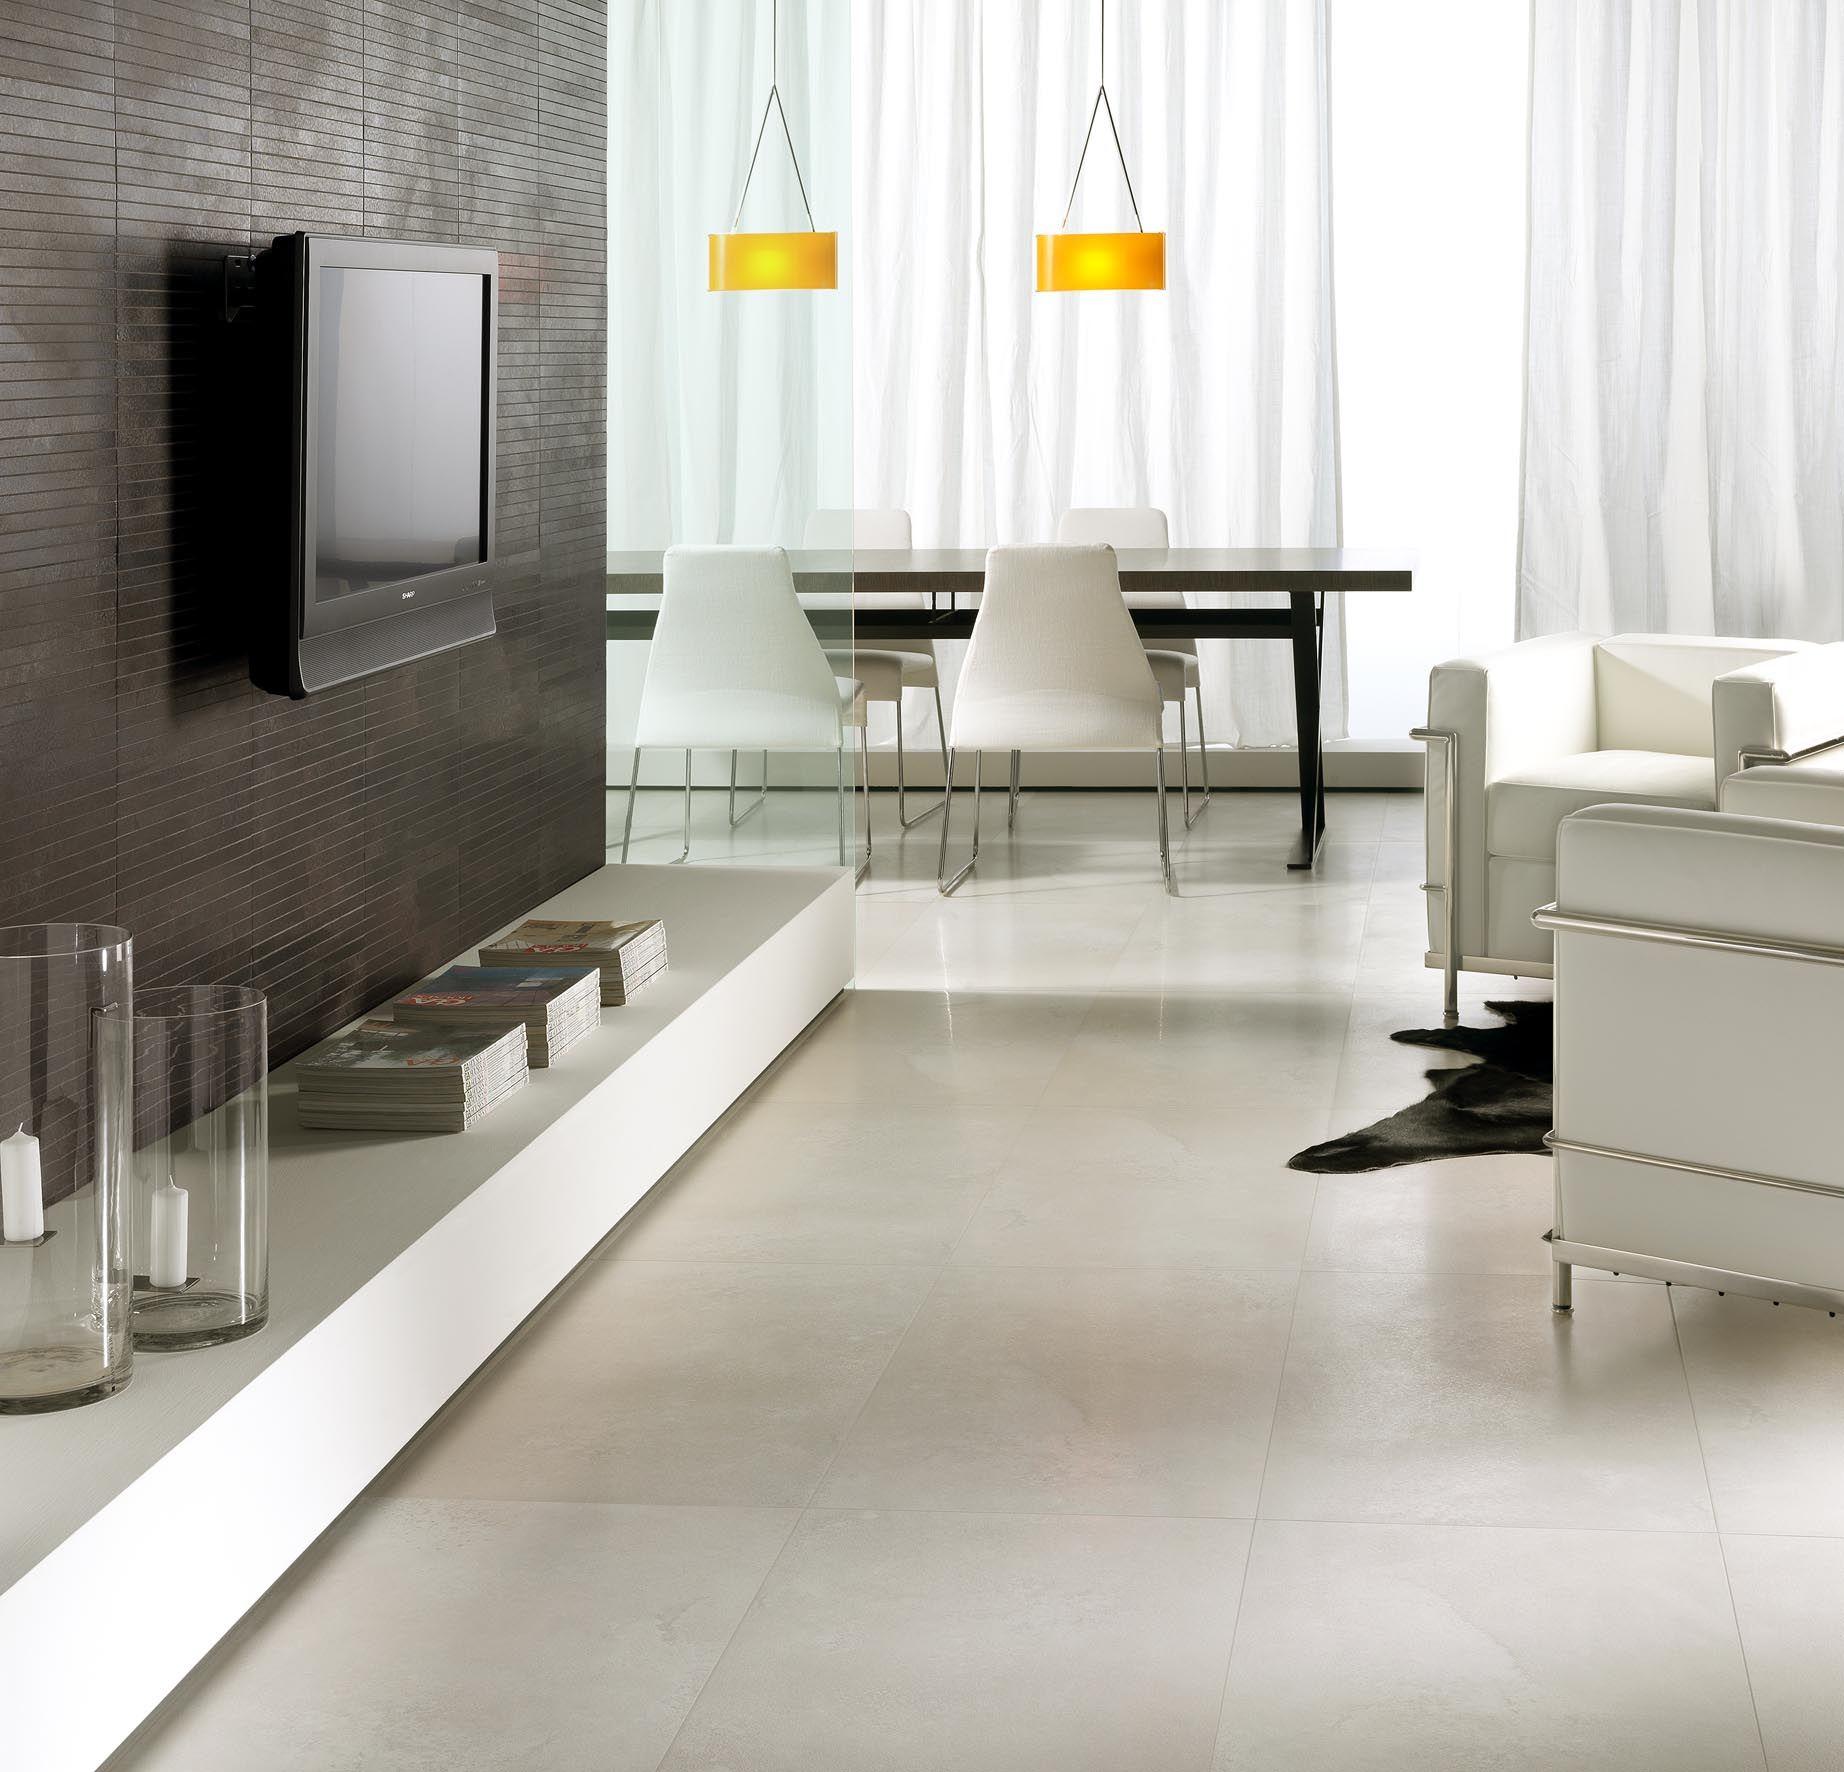 La Faenza Explorer Bianco Living Room Floor Tiles Jpg 1844